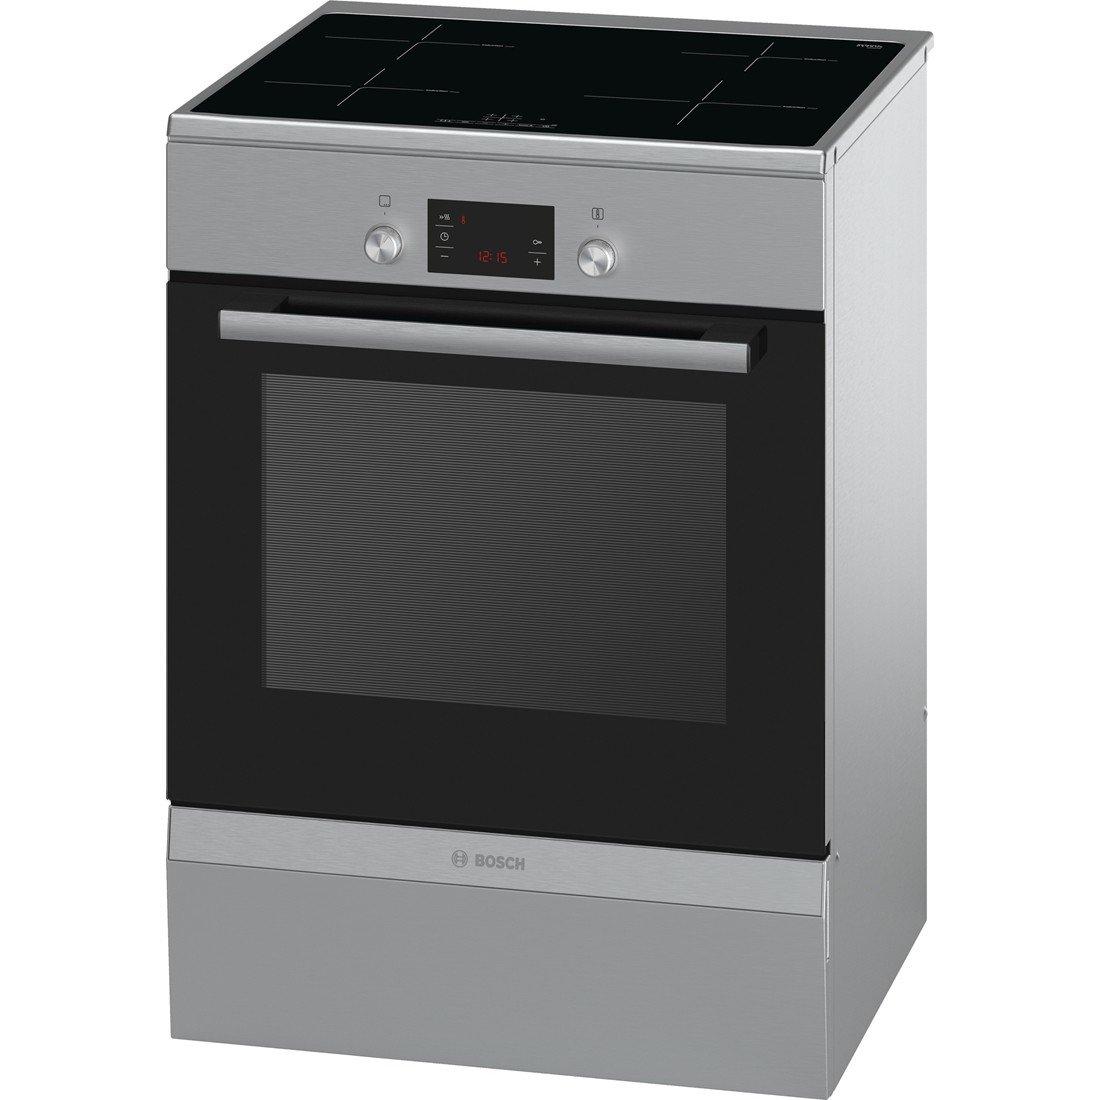 Bosch HCA748450 - Cocina (Independiente, Acero inoxidable ...